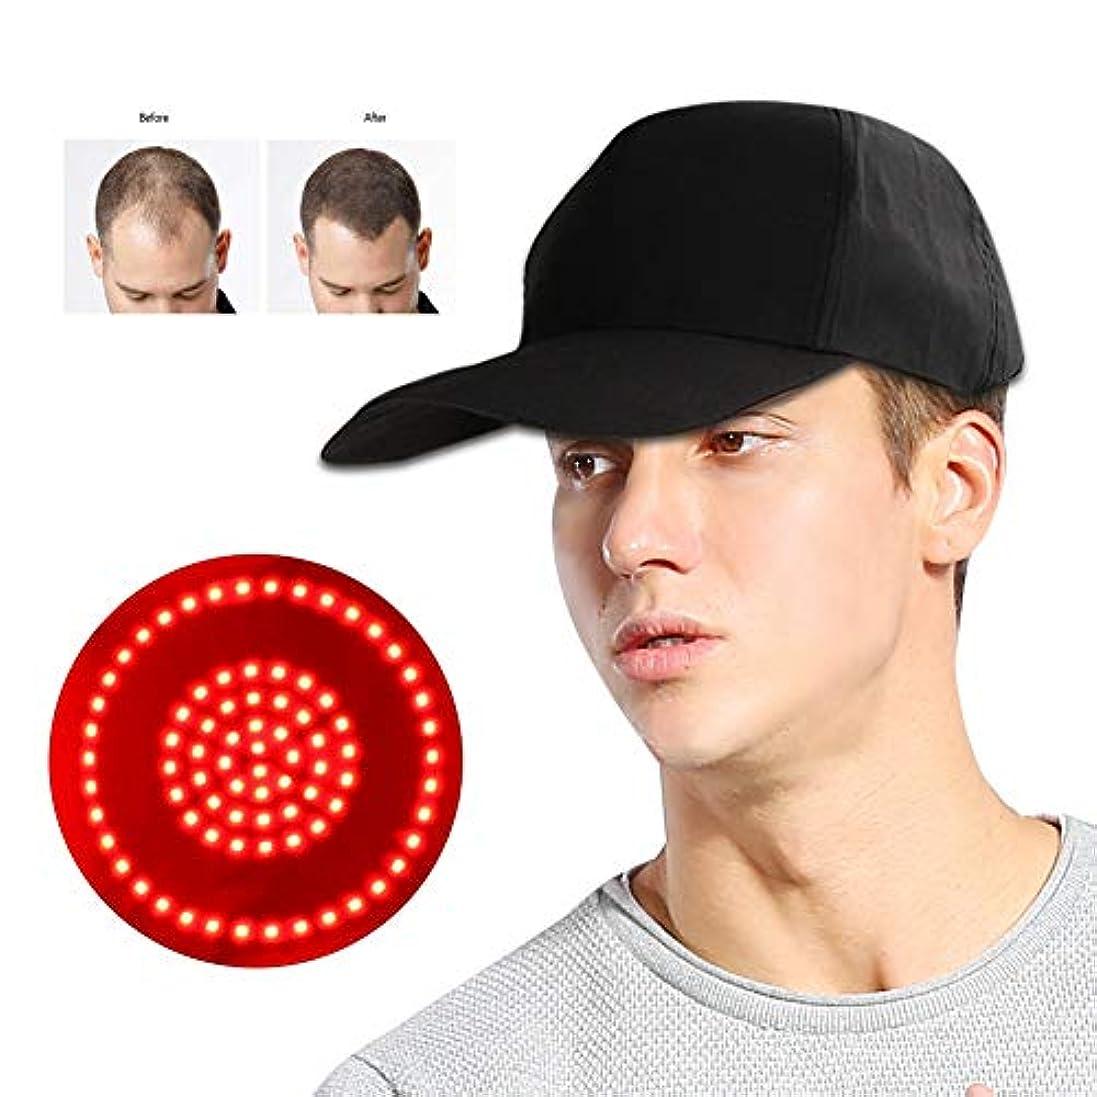 グレー揃えるばかげている髪の再生キャップ、76ピースランプビーズアンチ脱毛クリア間引き帽子ヘルメットシステム成長計器オイルコントロール調整可能なヘアケアデバイス